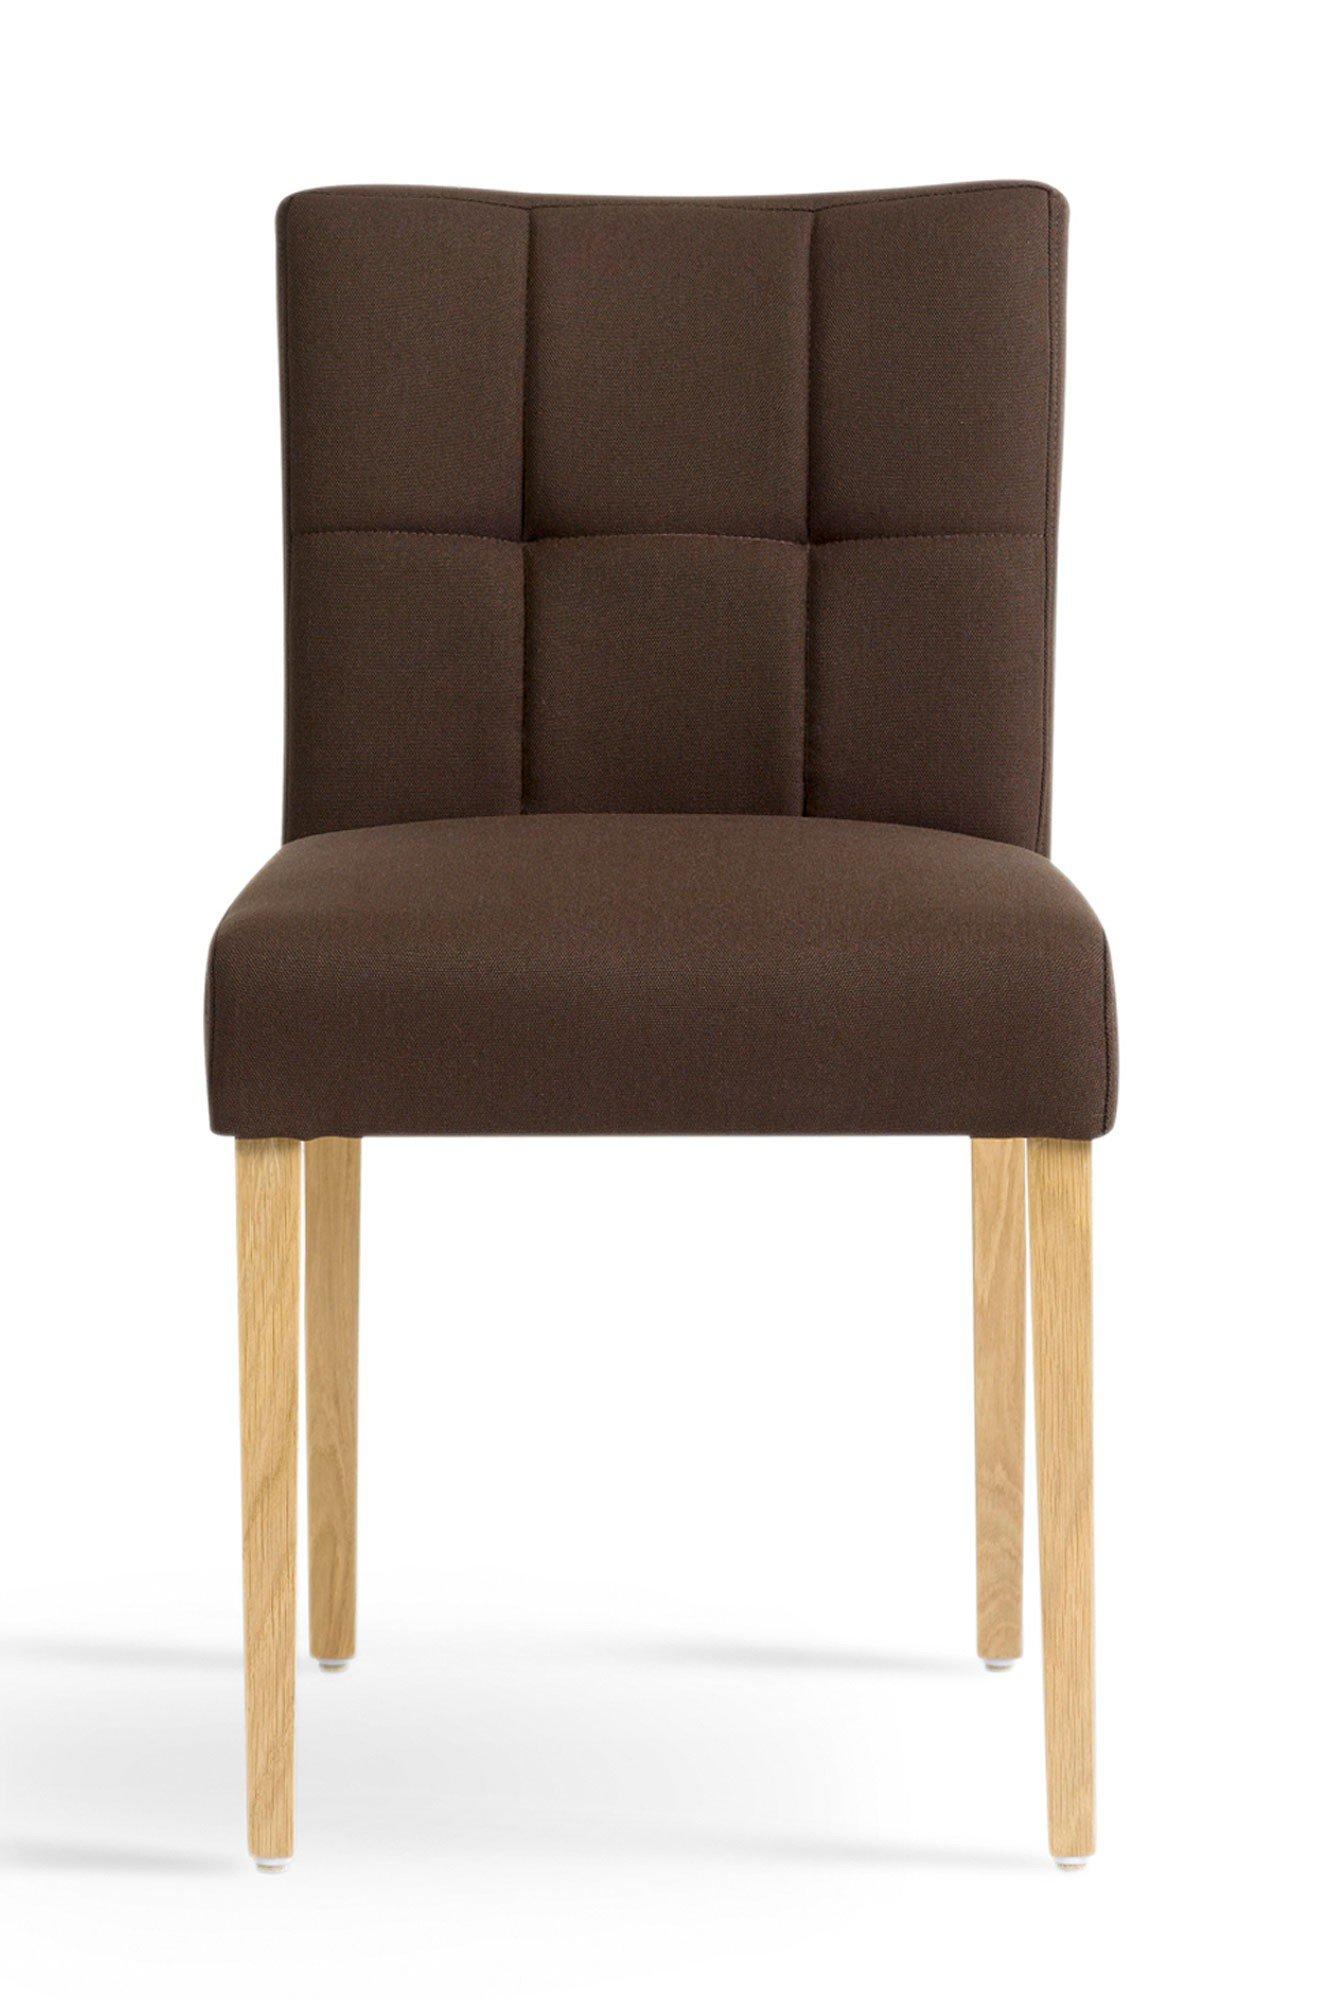 mobitec stuhl karre brown eiche m bel letz ihr online shop. Black Bedroom Furniture Sets. Home Design Ideas